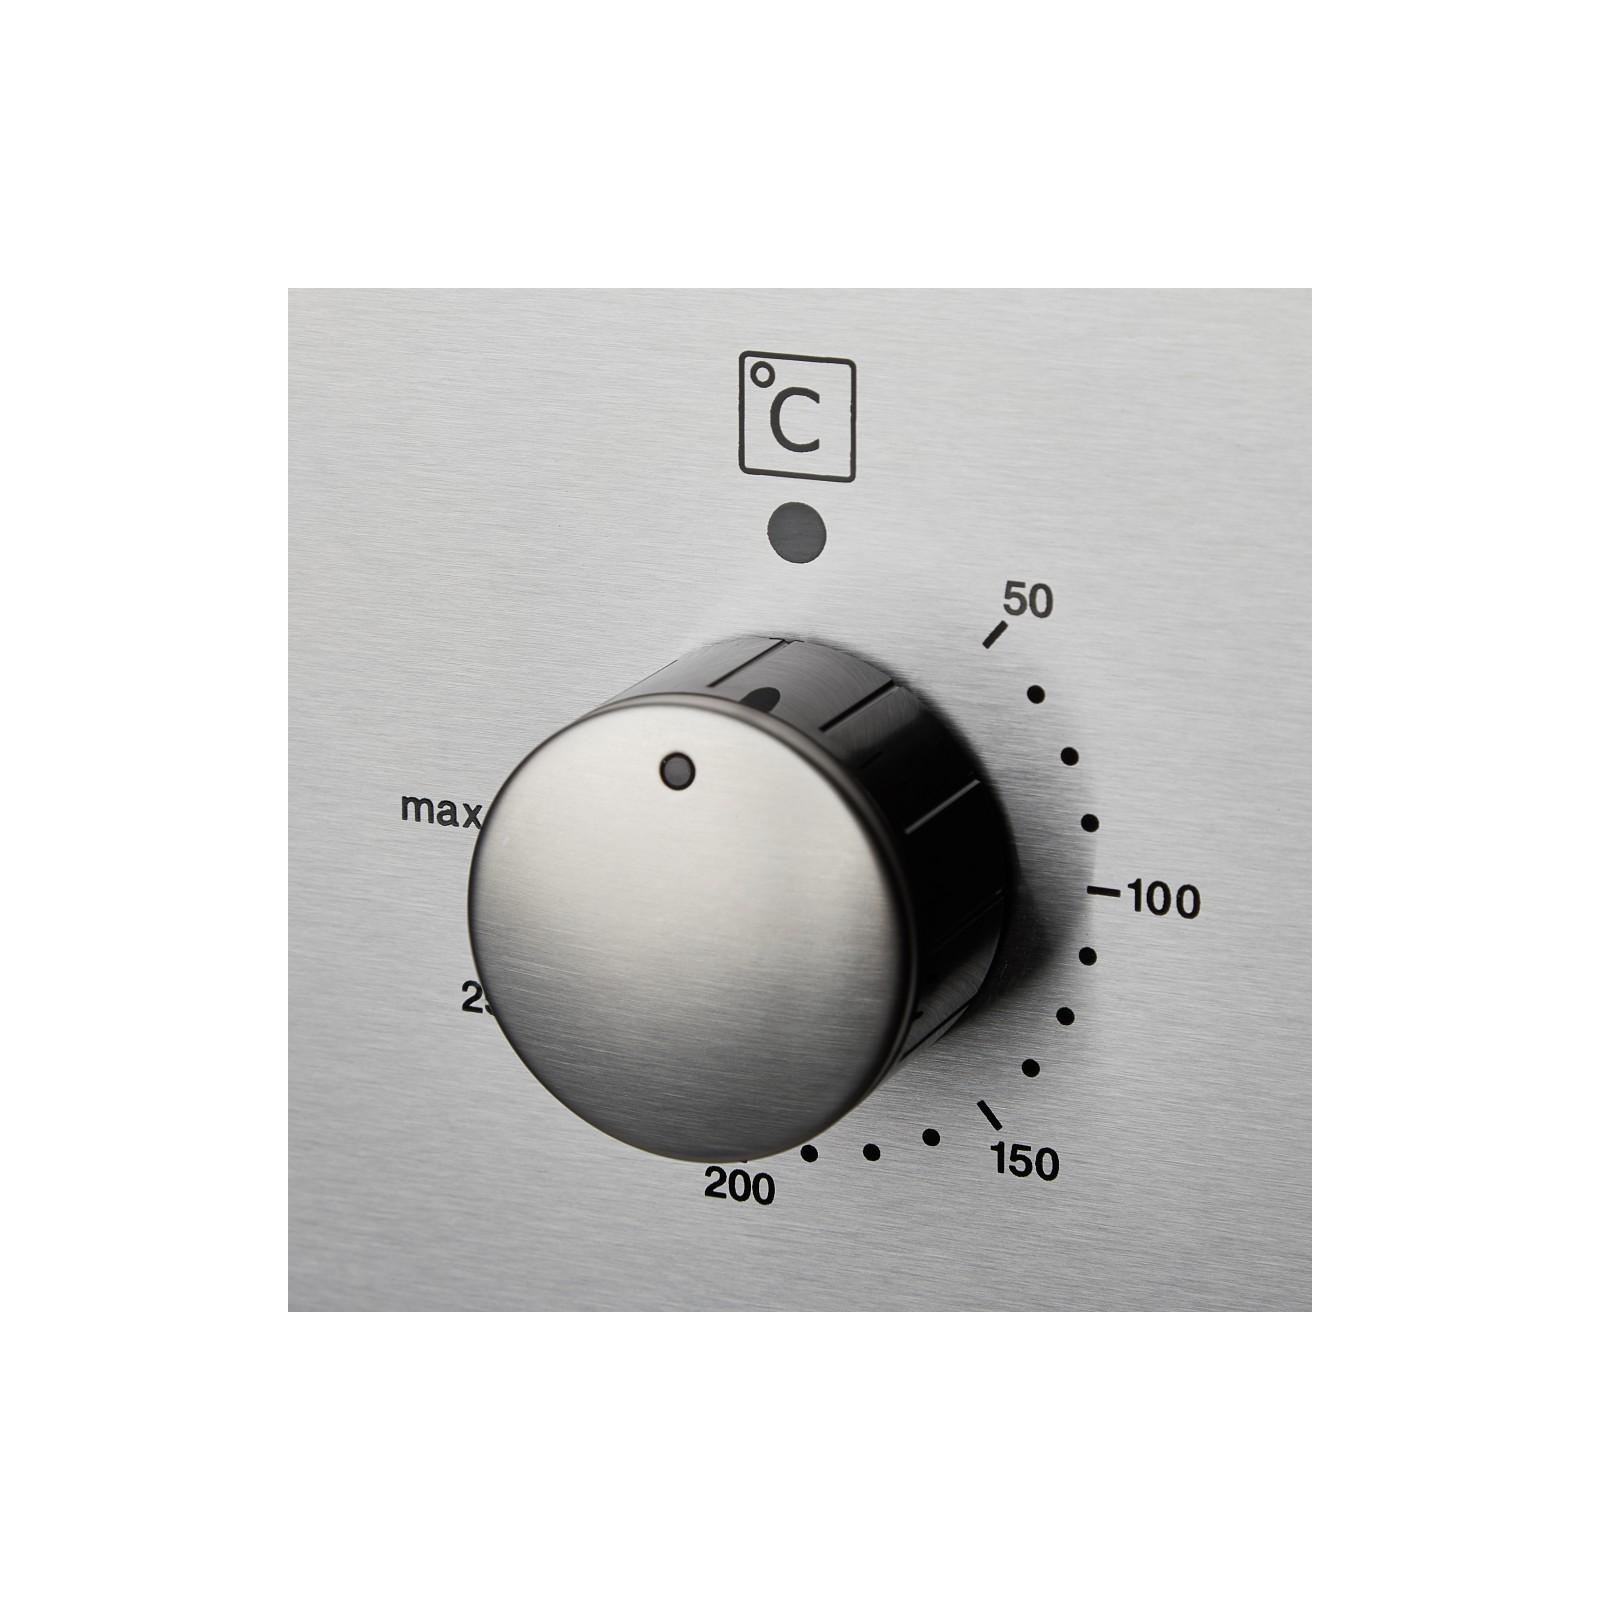 Духовой шкаф ELEYUS ESTER 6006 IS+BL изображение 11